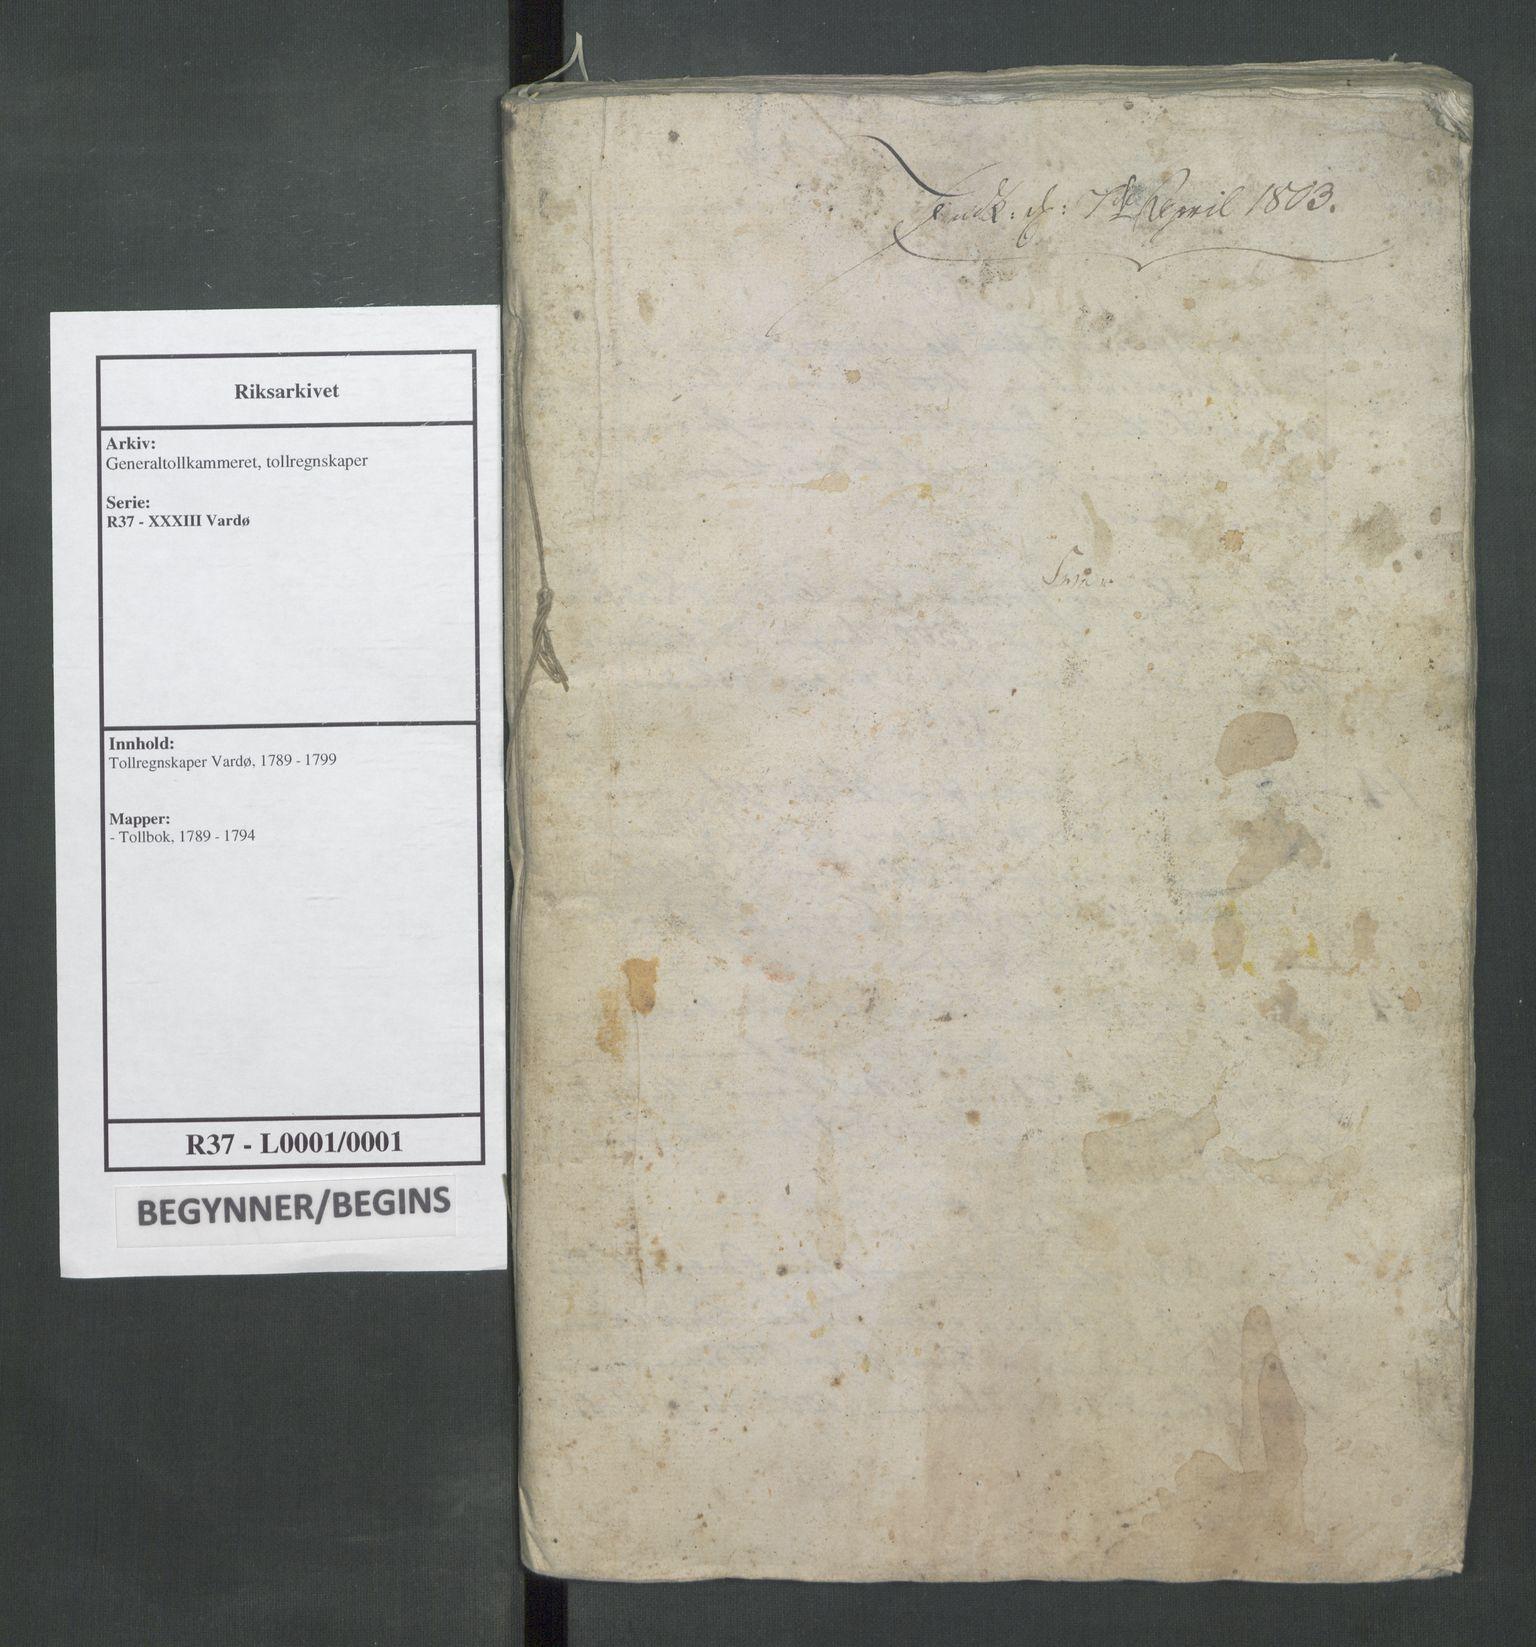 RA, Generaltollkammeret, tollregnskaper, R37/L0001: Tollregnskaper Vardø, 1789-1794